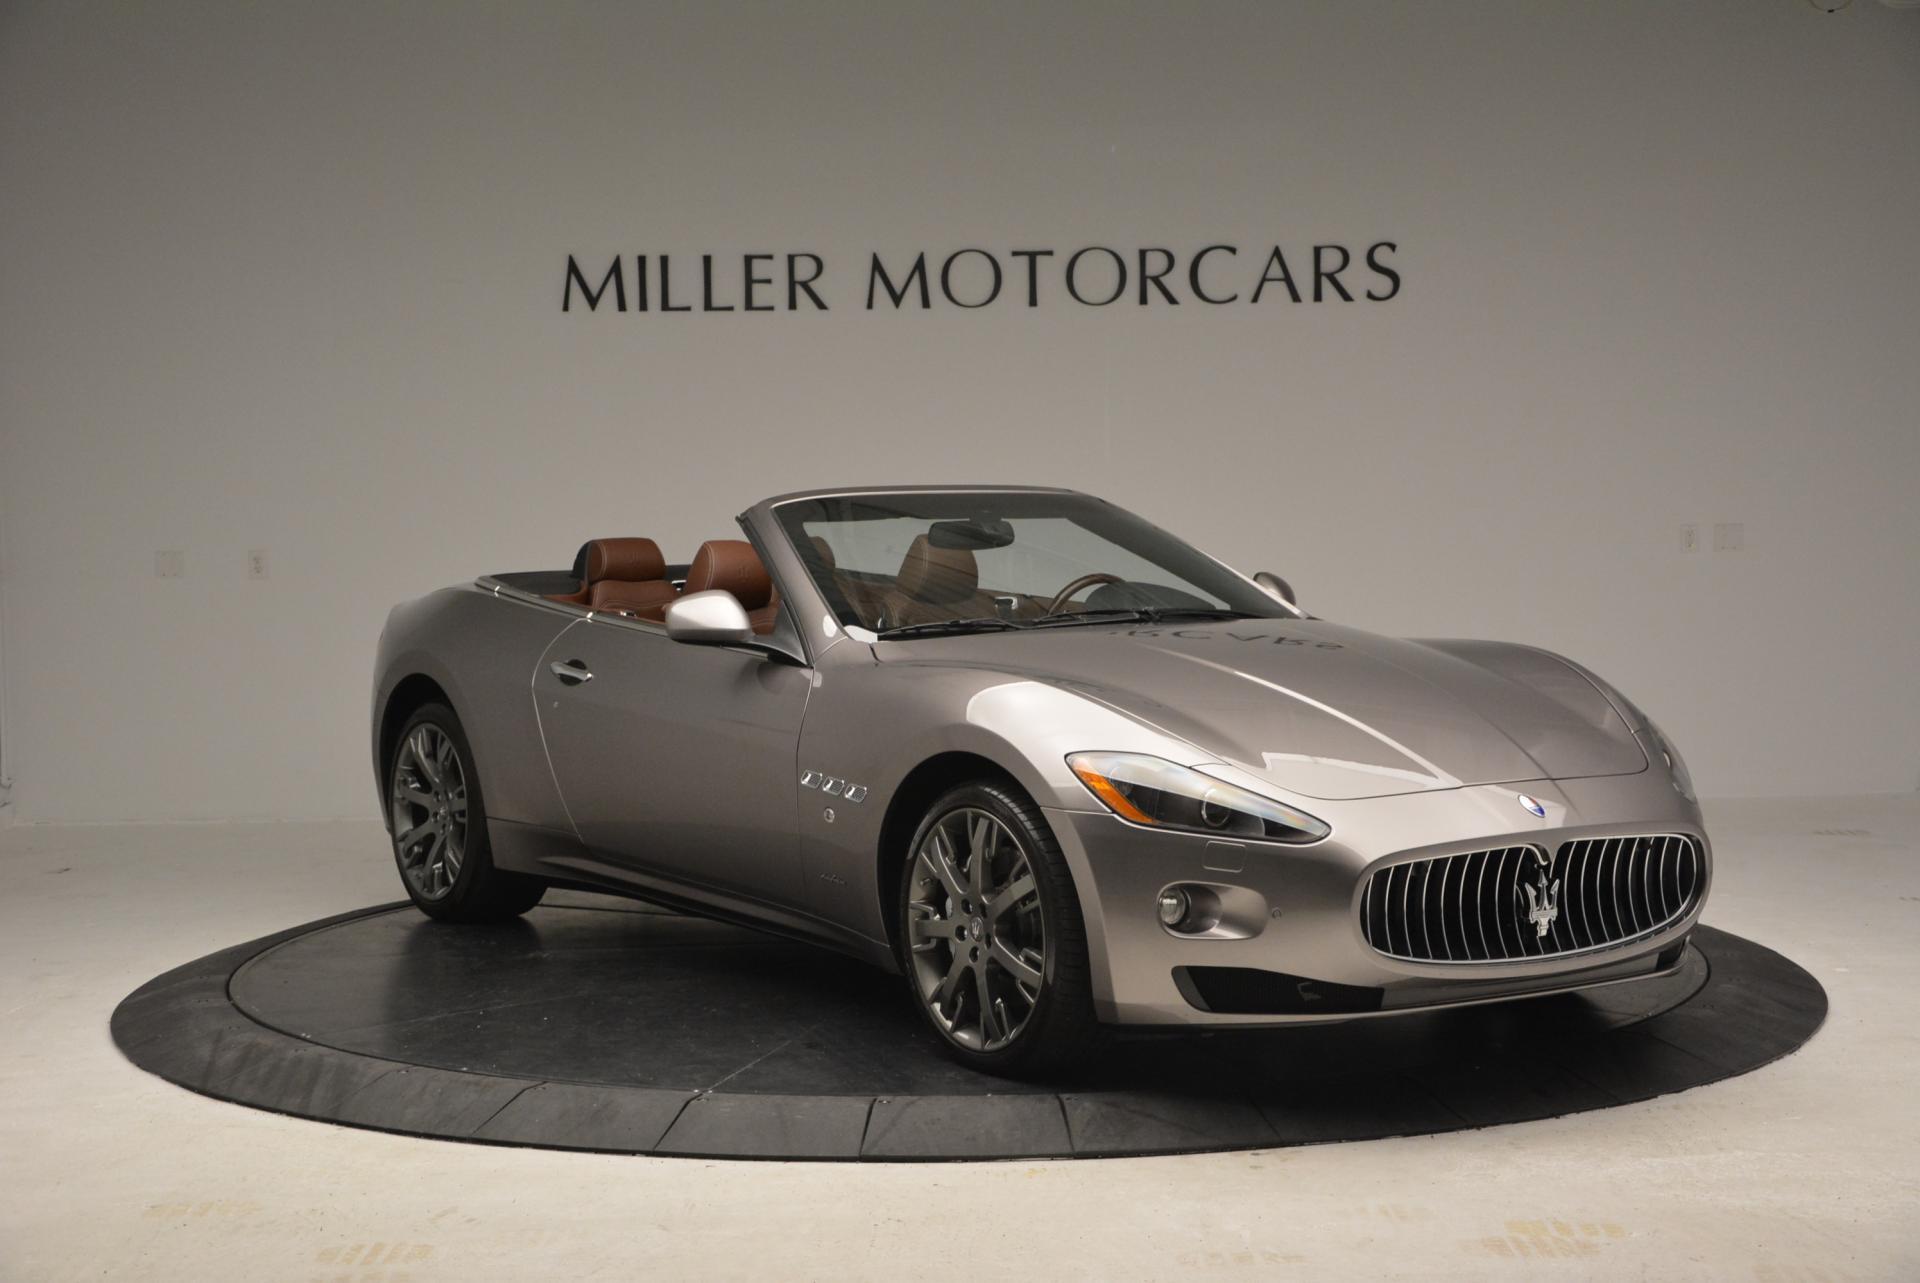 Used 2012 Maserati GranTurismo  For Sale In Westport, CT 157_p11